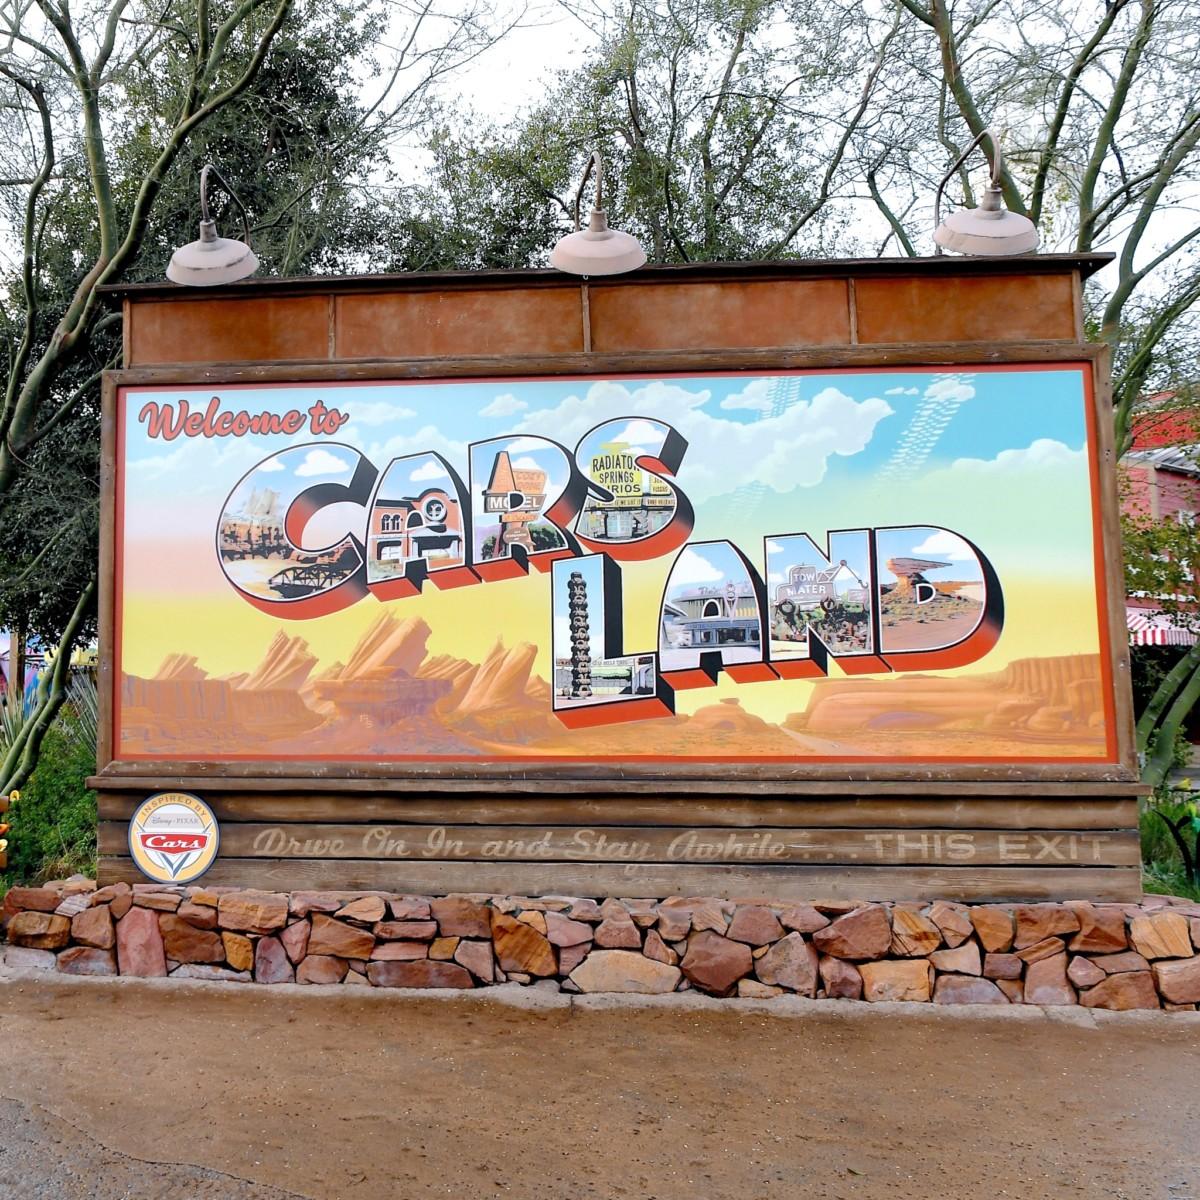 ディズニー・カリフォルニア・アドベンチャー・パーク「カーズランド」